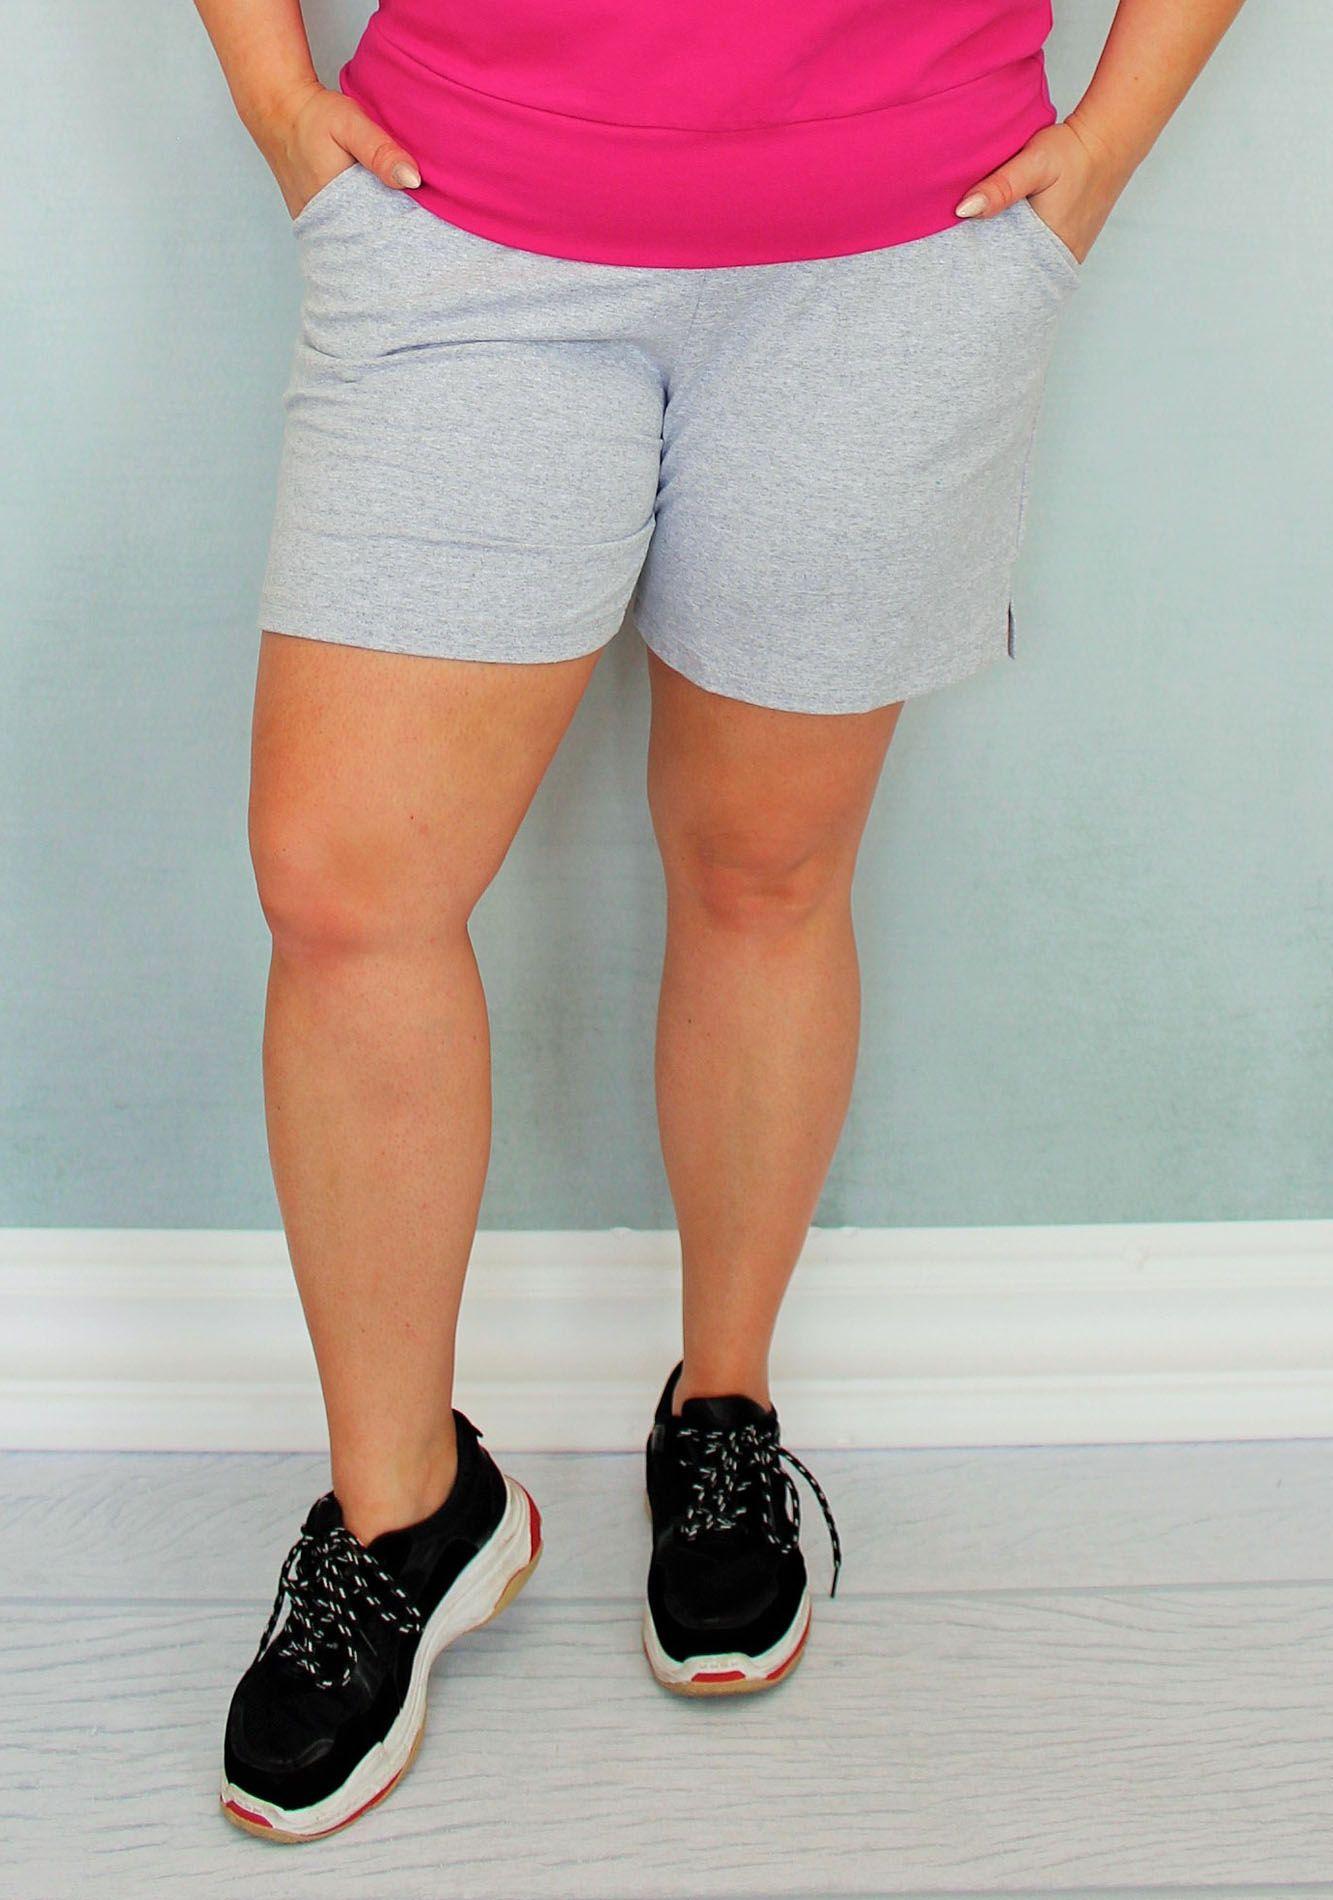 Spodenki Zosia Szorty Krotkie Dzianinowe Szare Gym Shorts Womens Gym Women Womens Shorts